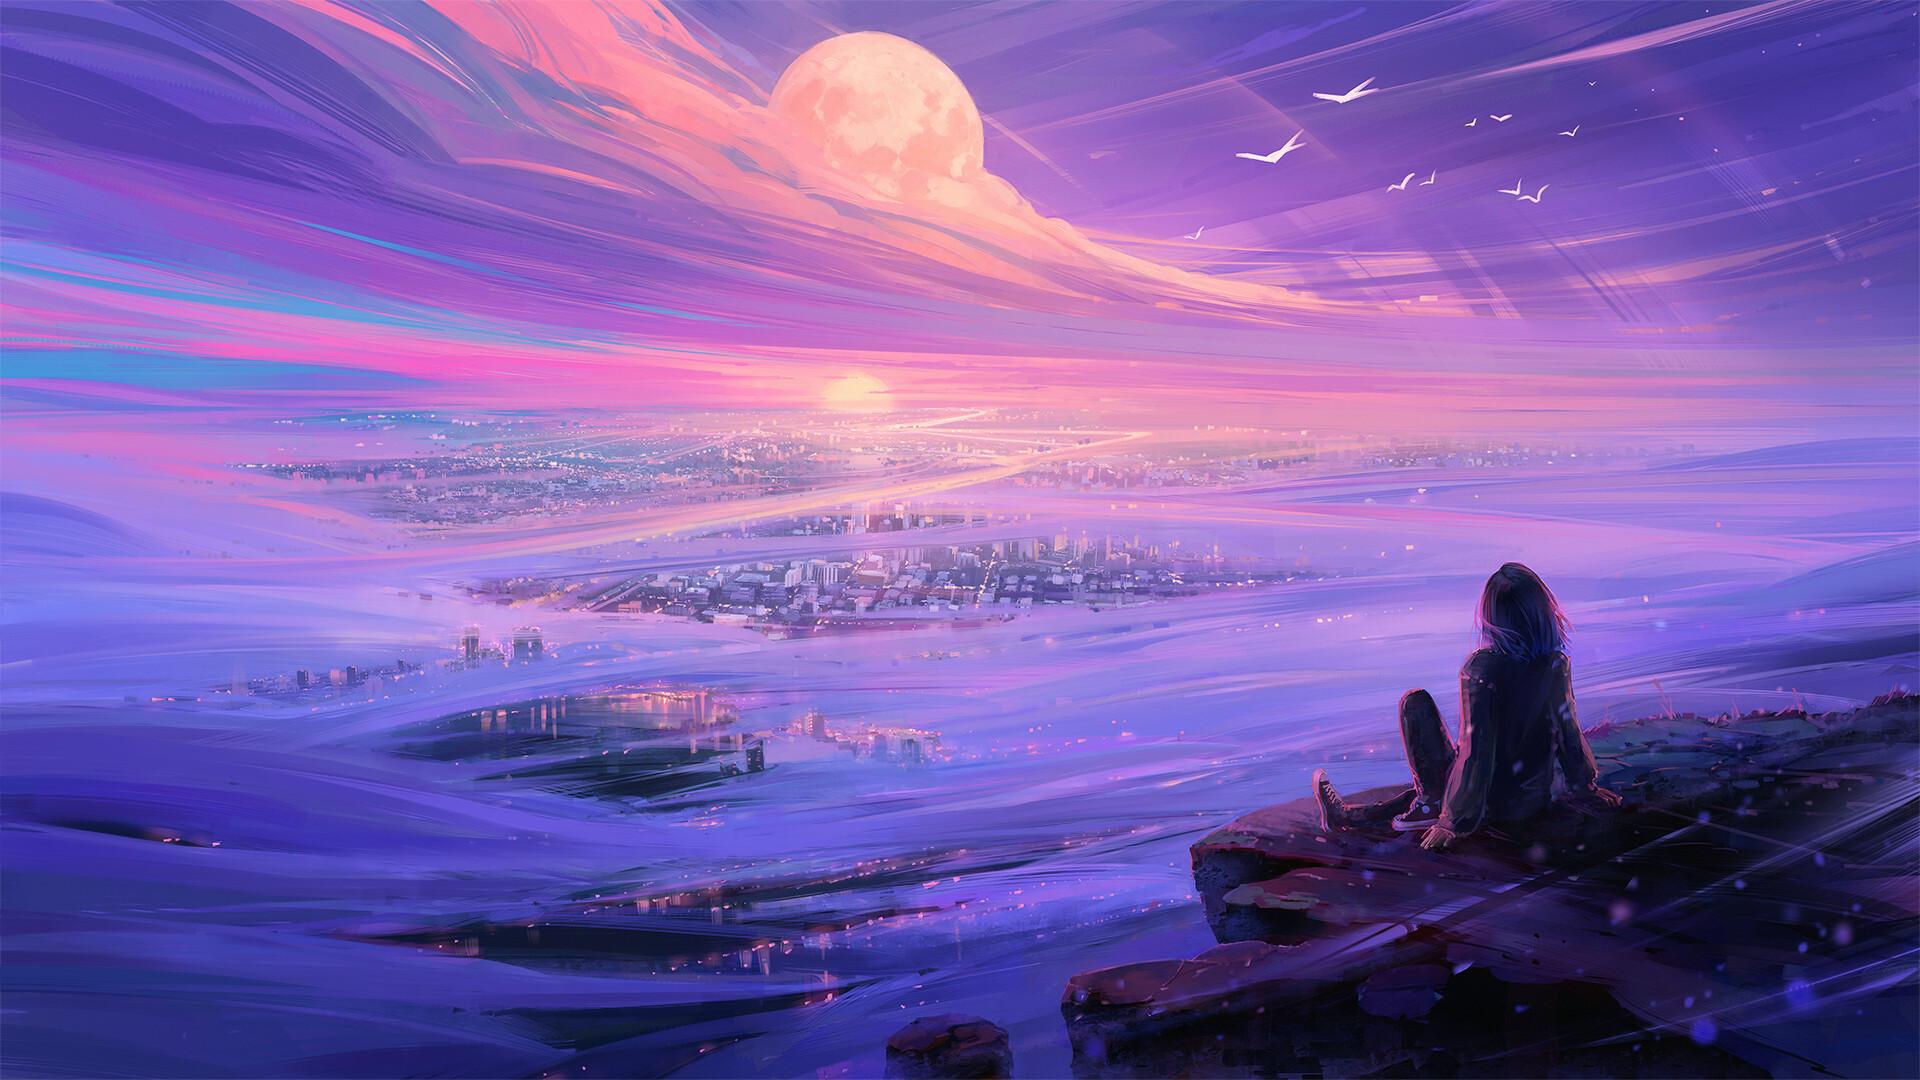 Digital Art Fantasy Art Sky Landscape Aenami 1920x1080